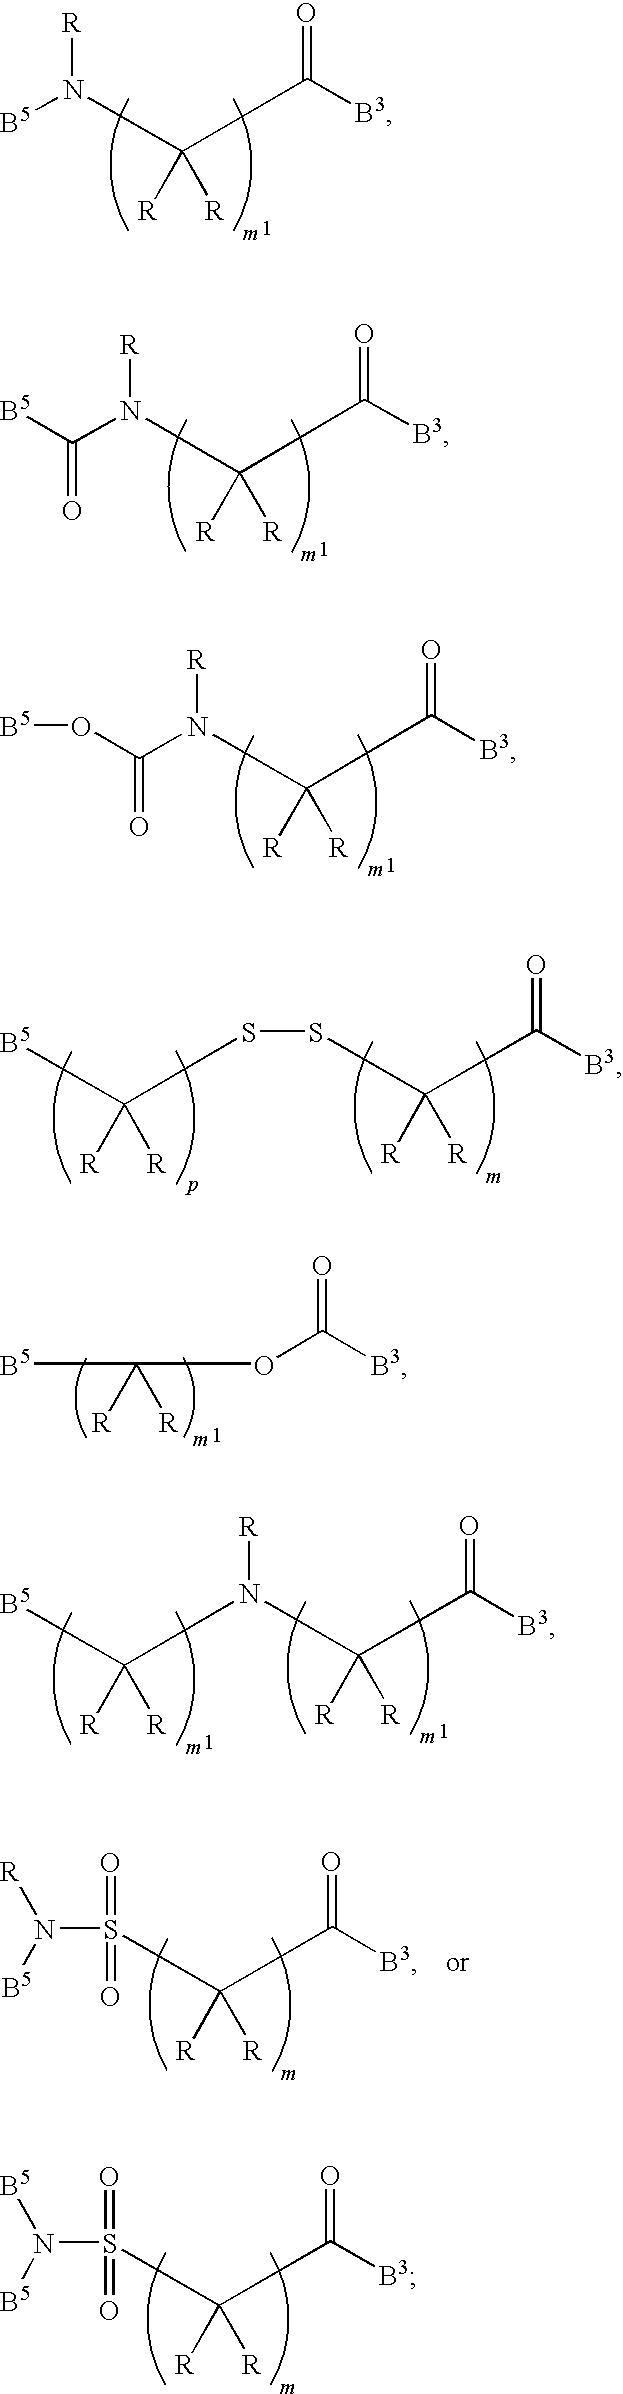 Figure US07723512-20100525-C00078